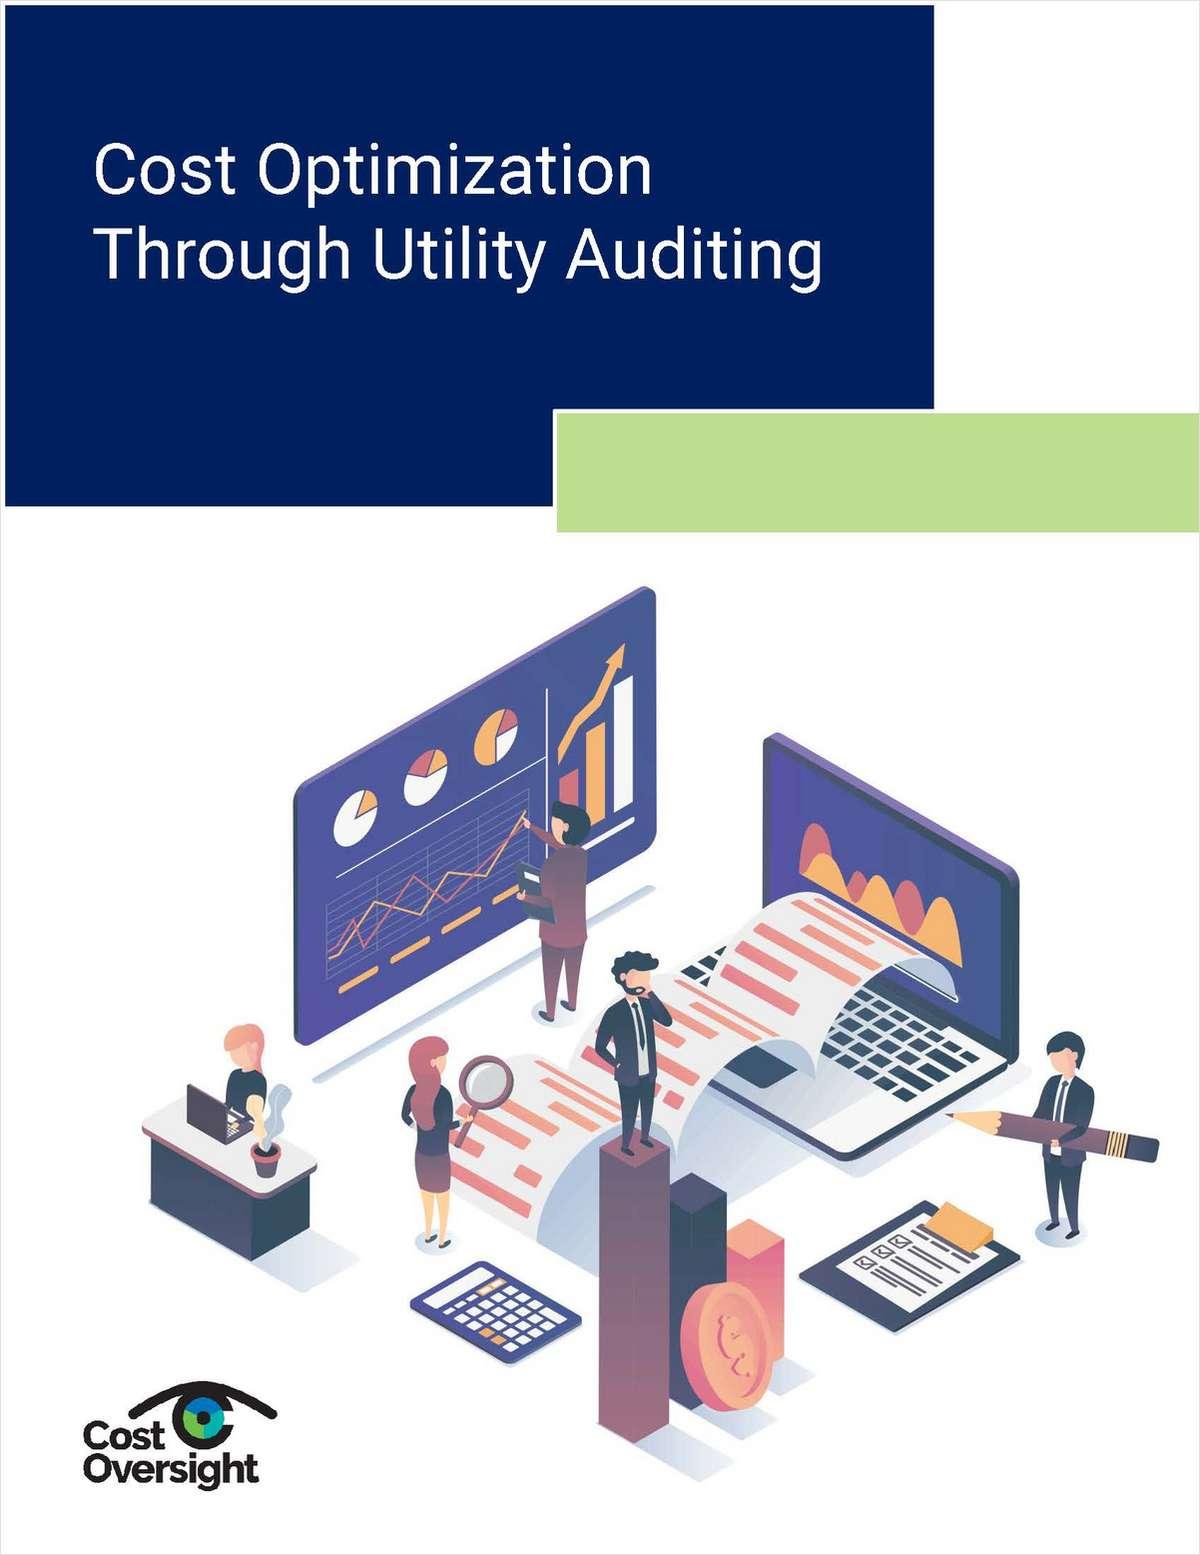 Increased Revenue Through Utility Auditing